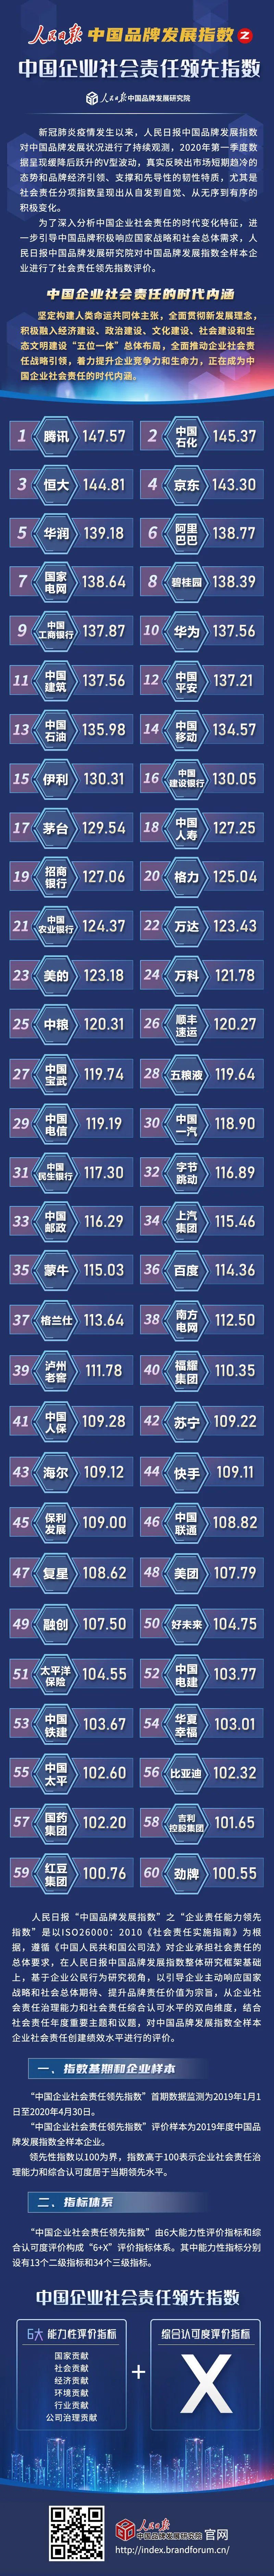 【人民日报】万达登上中国企业社会责任领先指数榜